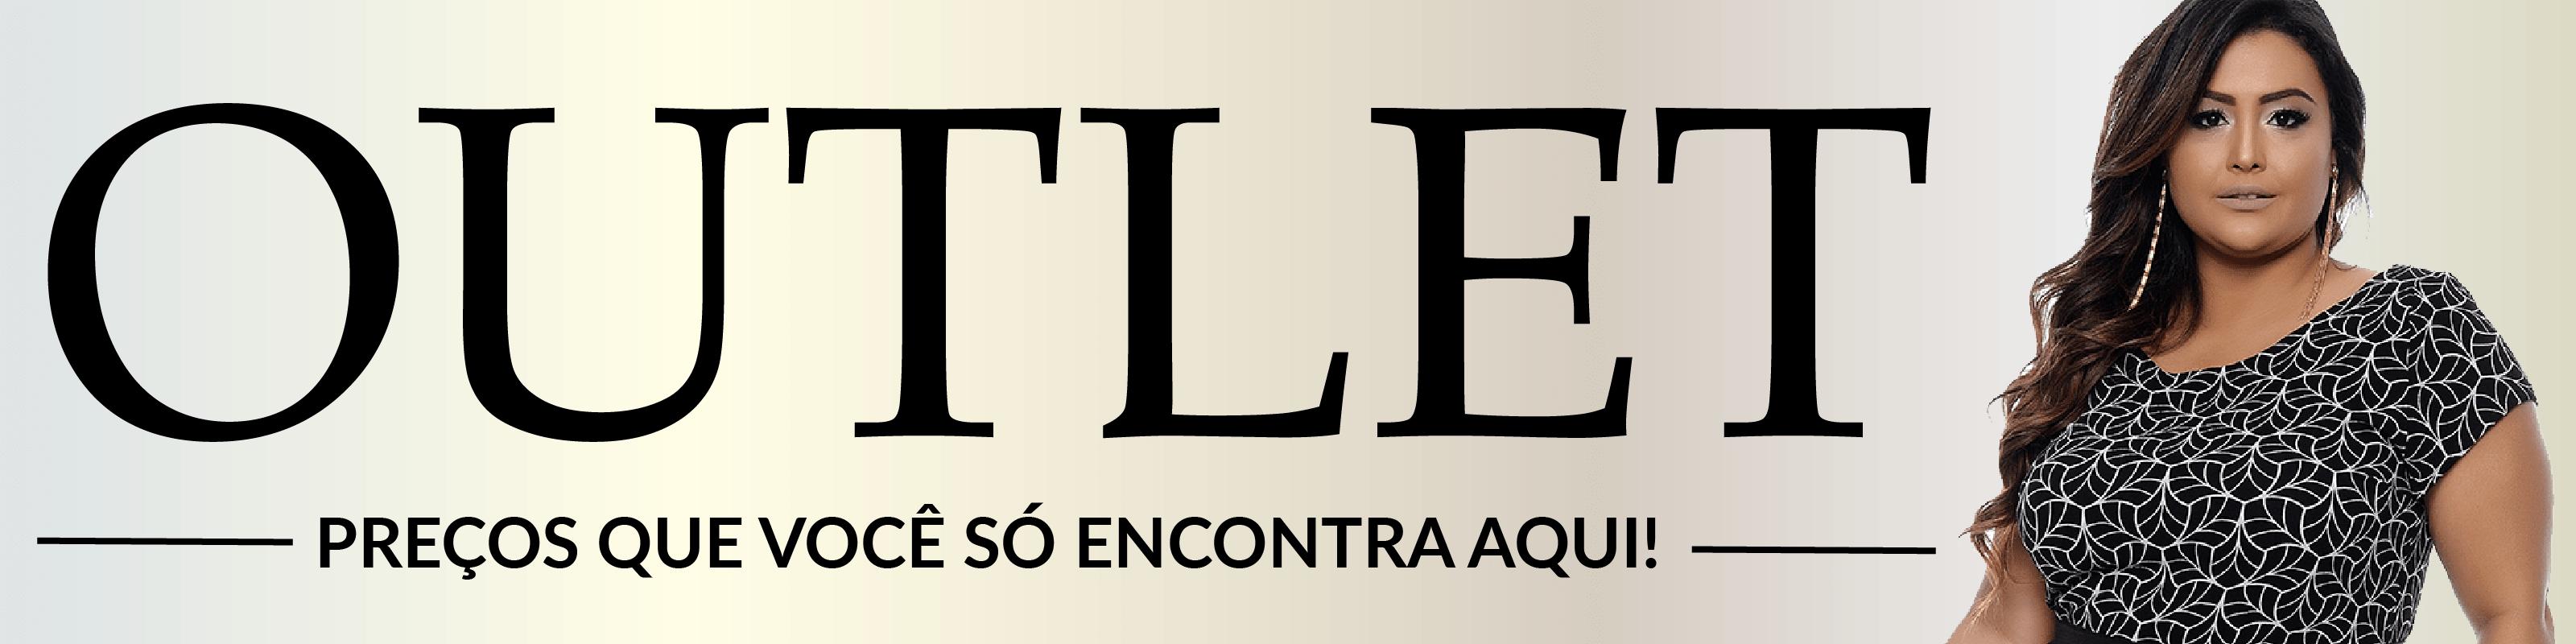 Banner de topo